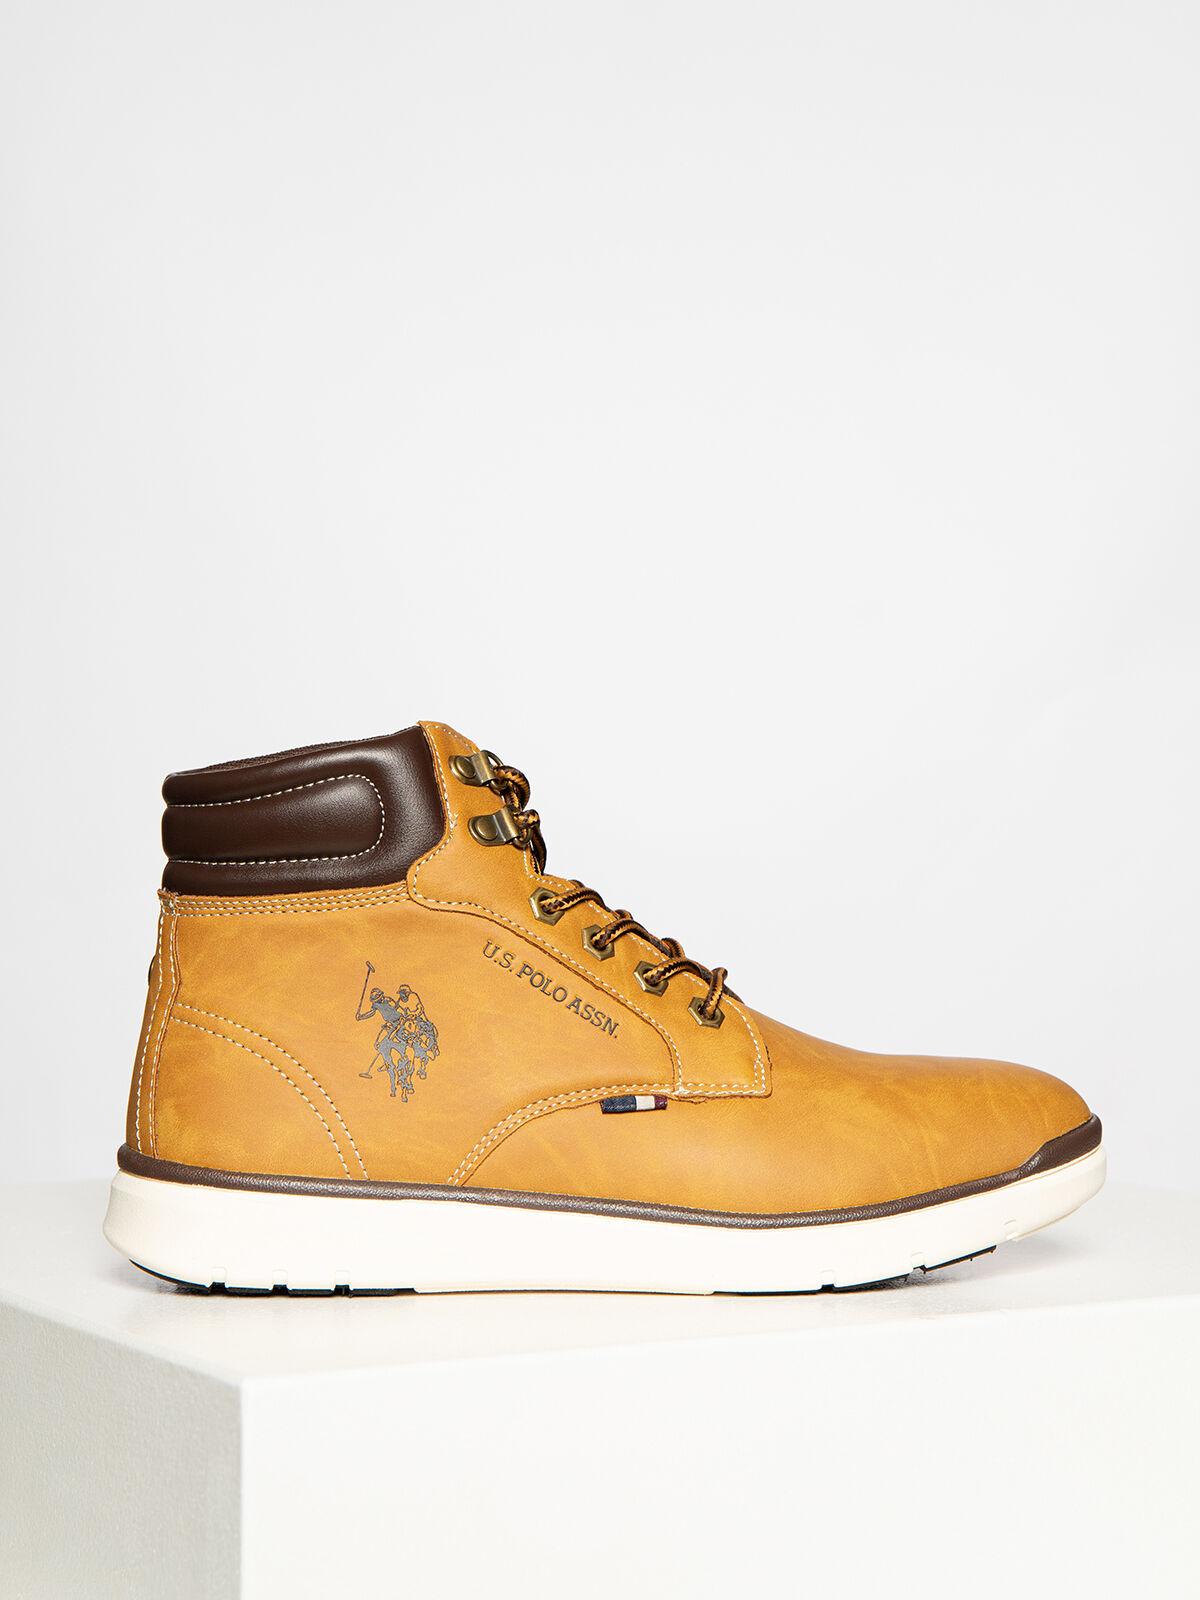 Schuhe für Herren | DRESS FOR LESS